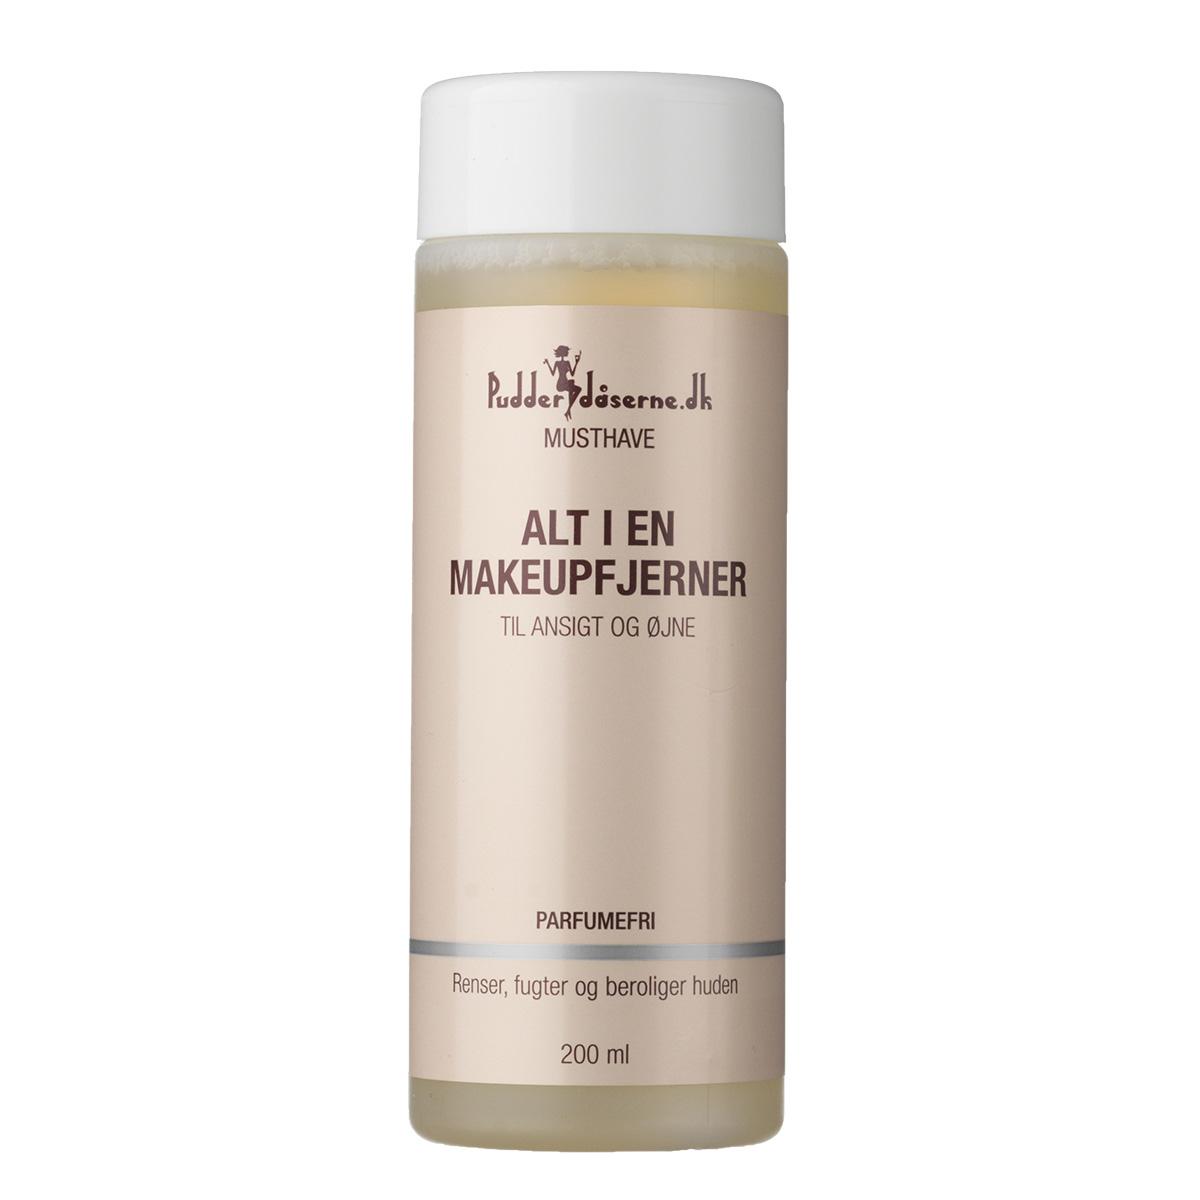 Pudderdåserne alt-i-en makeupfjerner - 200 ml